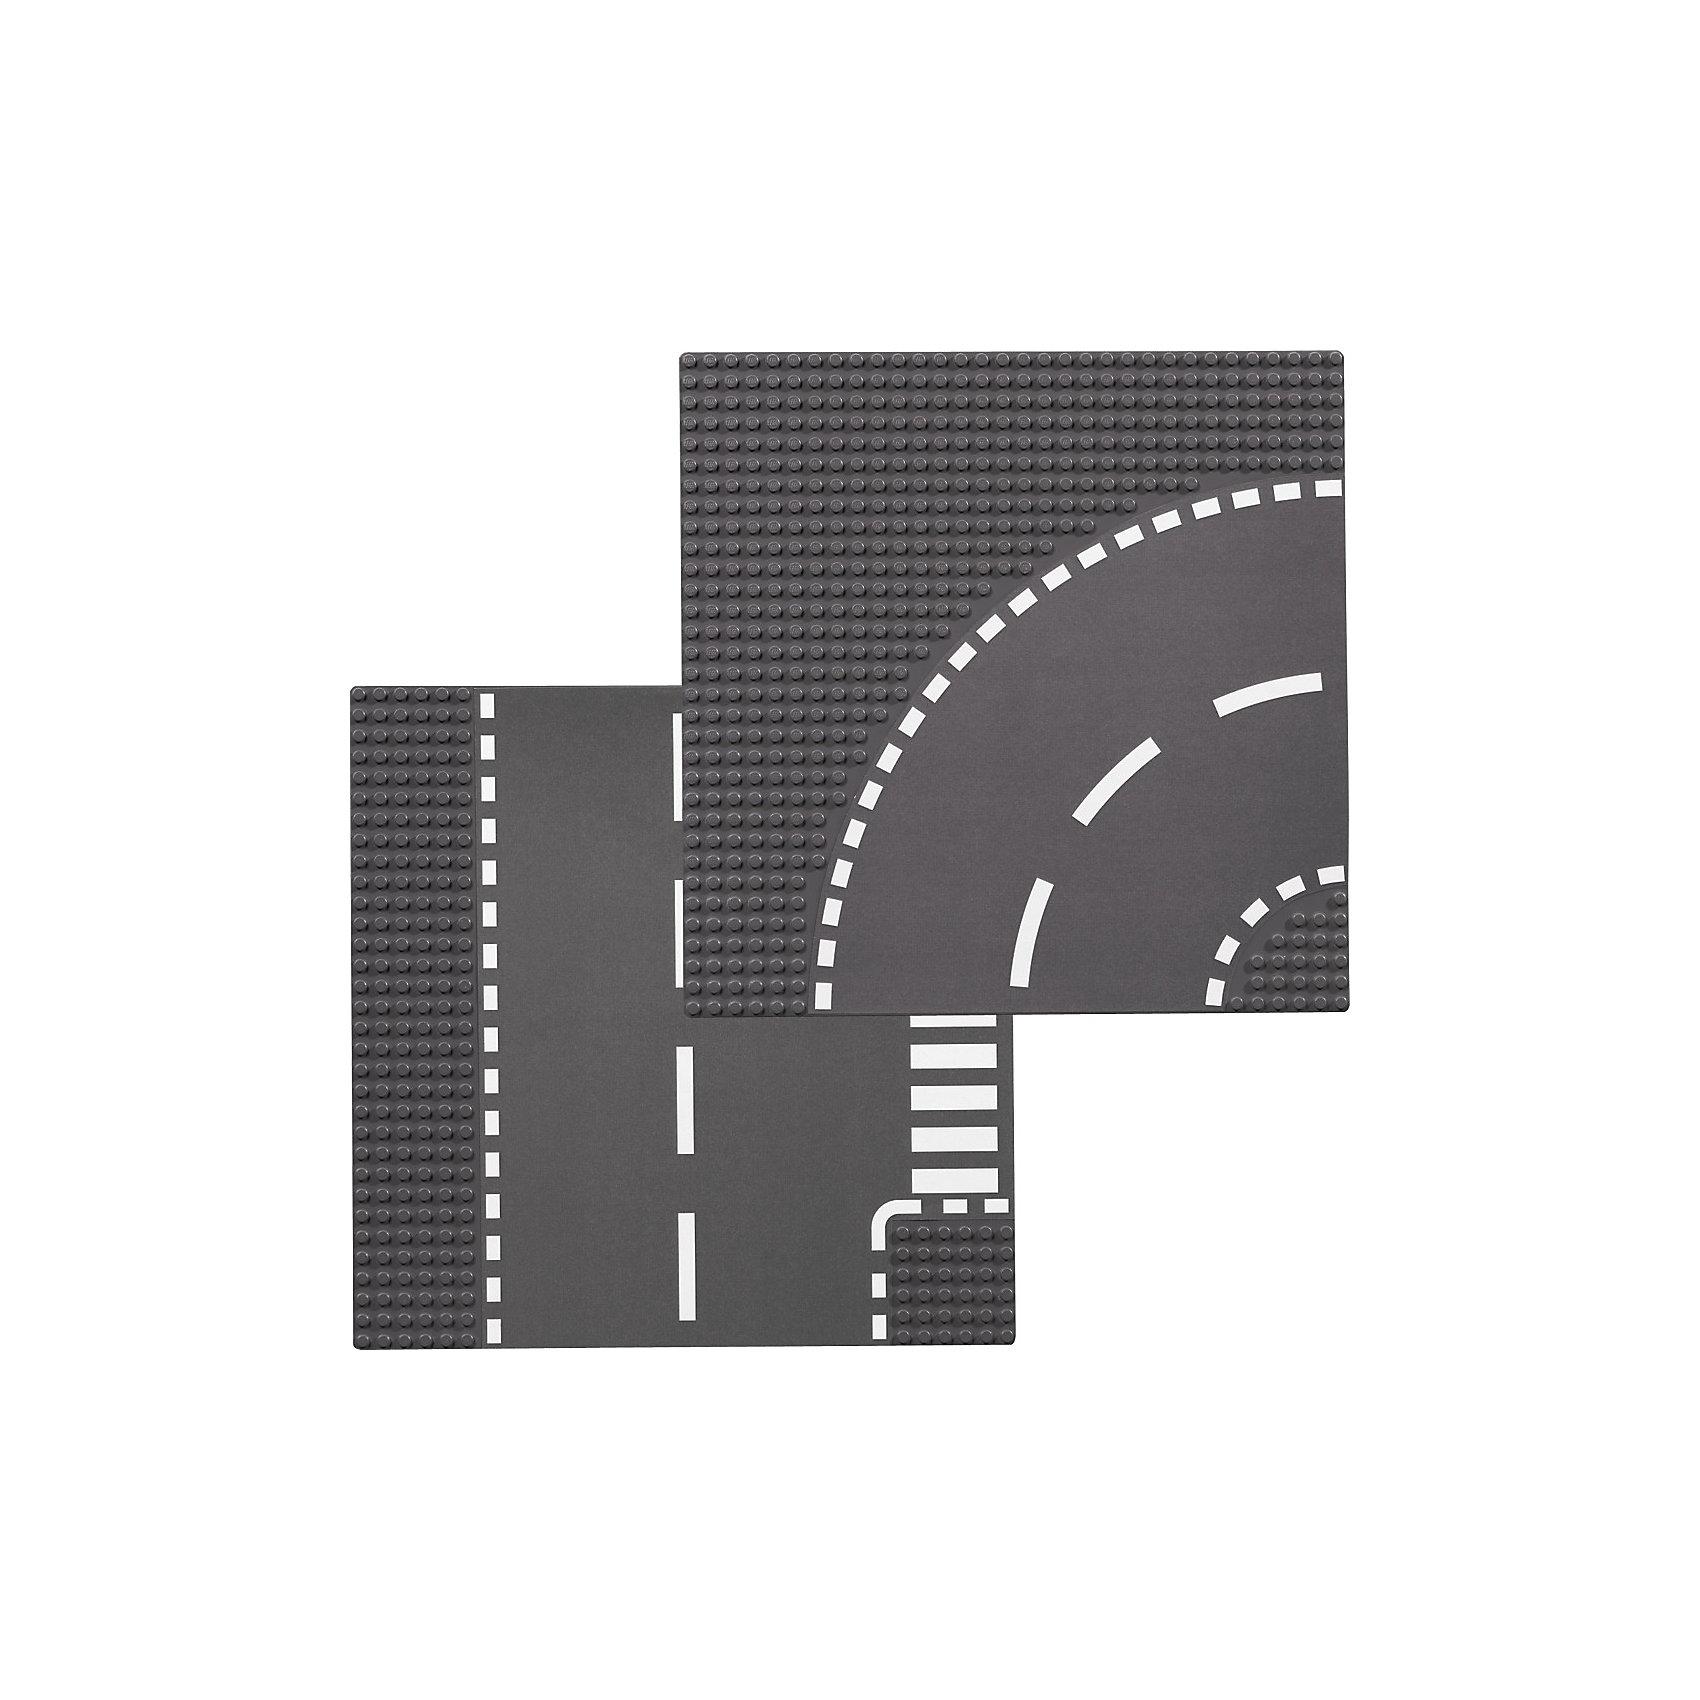 LEGO 7281 City: Т-соединения и изогнутые рельсыПластмассовые конструкторы<br>Набор LEGO City Поворот и Т-образный перекресток (LEGO 7281) станет прекрасным дополнением для любого города LEGO. <br><br>С его помощью можно увеличить и усовершенствовать трассу. Набор отлично развивает детскую фантазию, предлагая новые идеи для игр. <br><br>Детали: <br><br>- в комплекте Т-образный перекресток и поворот <br>- размеры каждой пластины: 25 х 25 см <br>- количество креплений на каждой пластине: 32 х 32 <br><br>Дополнительная информация: <br><br>- LEGO-артикул: 7281 <br>- Возраст: от 5 лет <br>- Количество деталей: 2 строительных пластины LEGO<br>- Серия: ЛЕГО Сити<br><br>LEGO 7281 City: Т-соединения и изогнутые рельсы можно купить в нашем магазине.<br><br>Ширина мм: 273<br>Глубина мм: 266<br>Высота мм: 15<br>Вес г: 194<br>Возраст от месяцев: 60<br>Возраст до месяцев: 144<br>Пол: Мужской<br>Возраст: Детский<br>SKU: 1462464